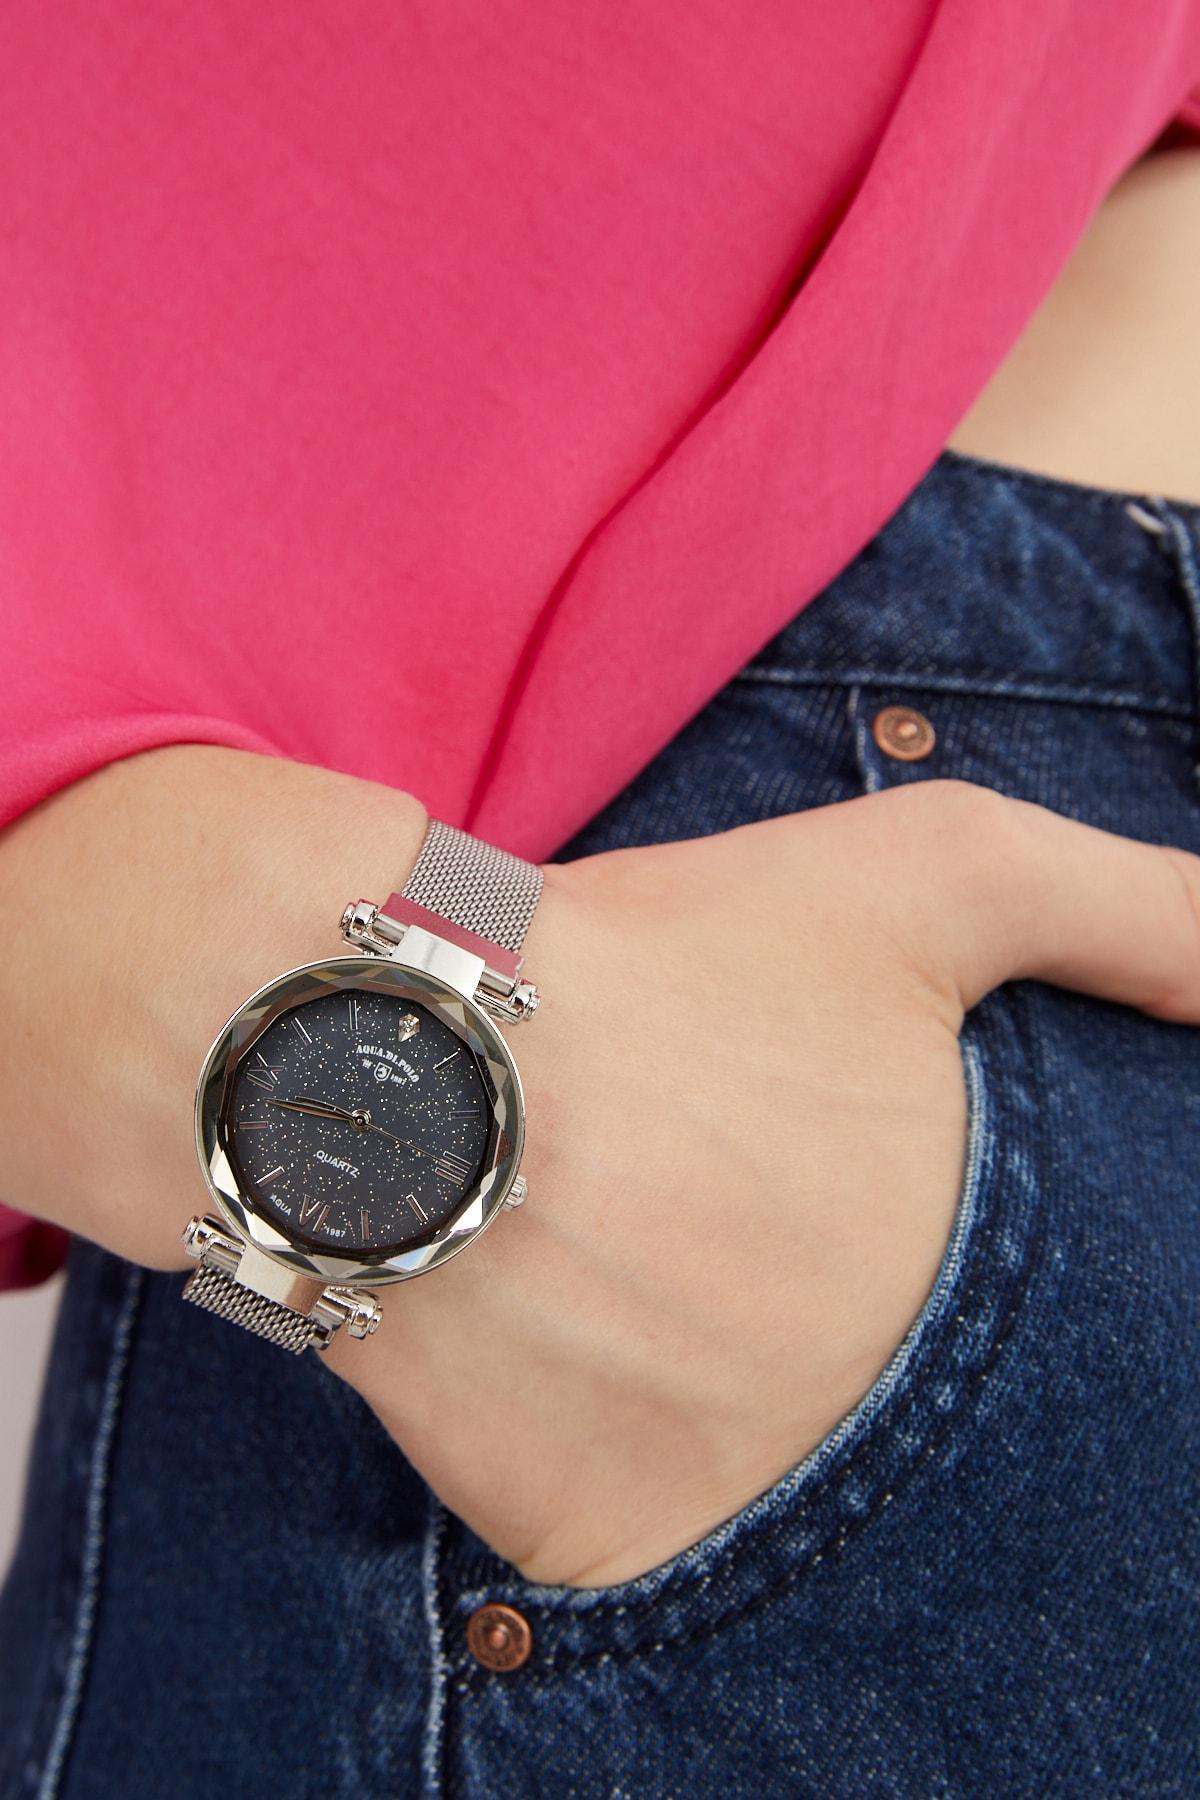 Kadın Hasır Mıknatıslı Kol Saati Gümüş Apsv1-a5435-kh131 Hasır